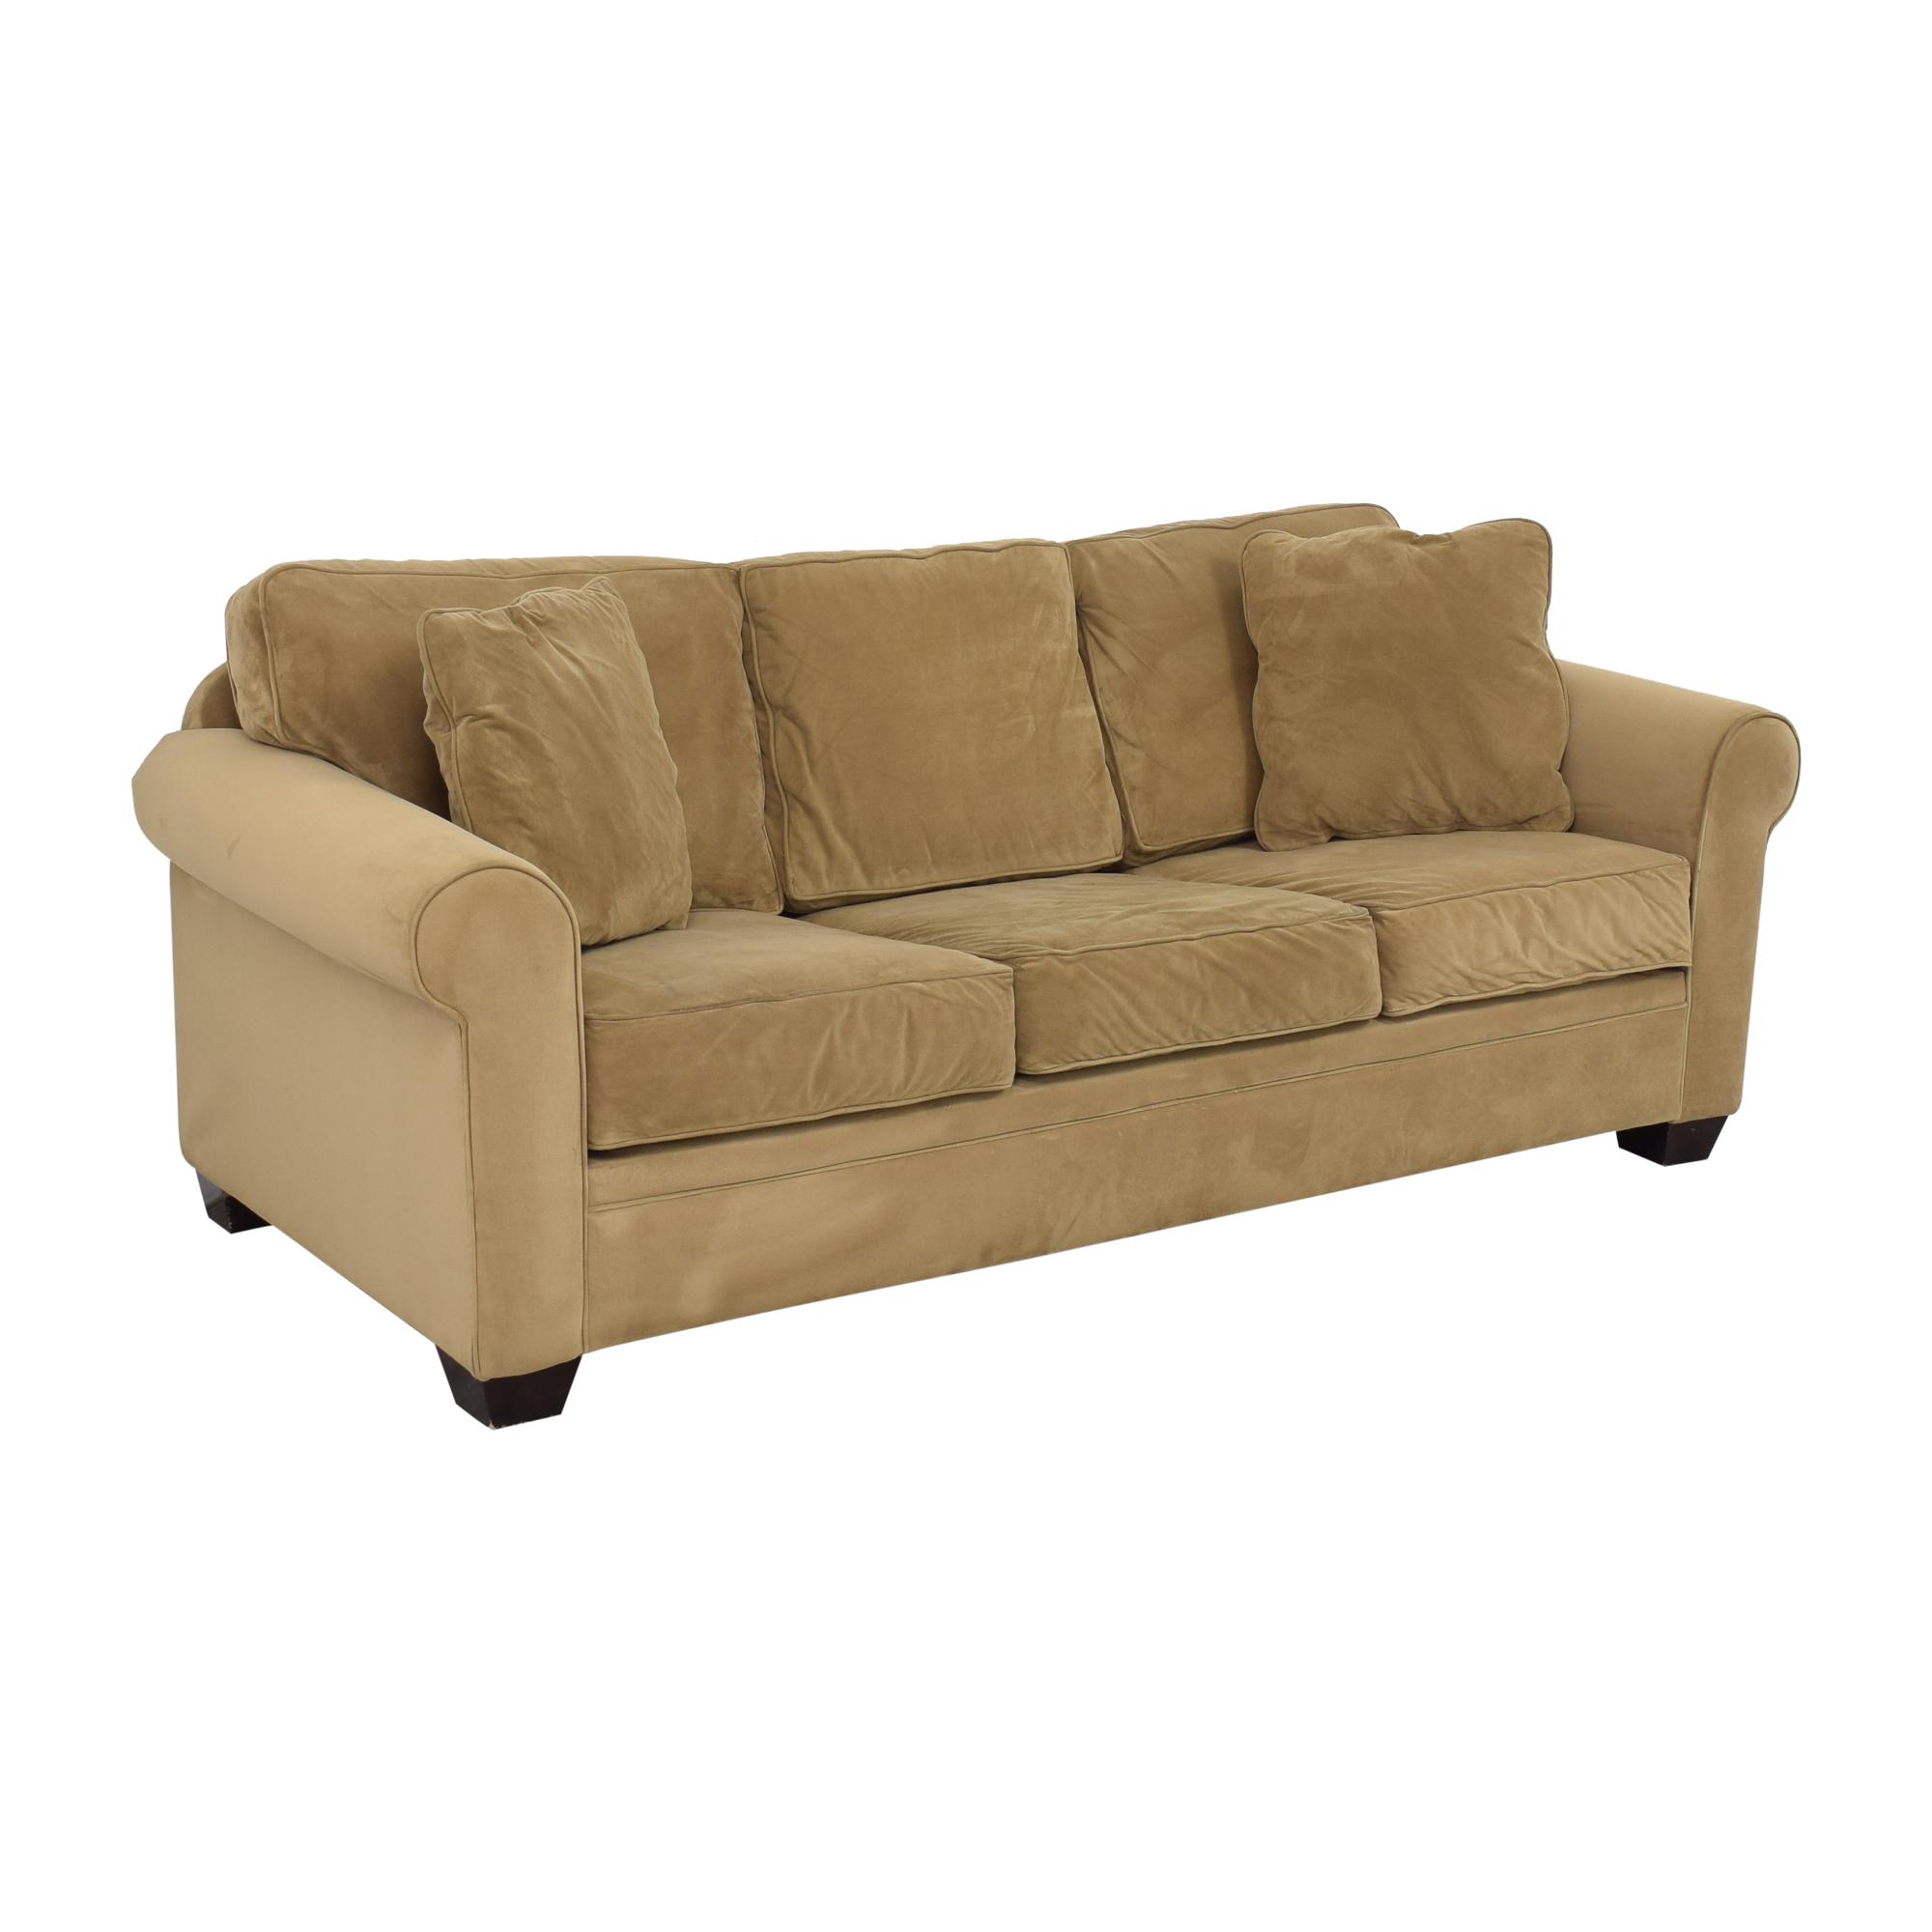 shop Macy's Tan Sofa Bed Macy's